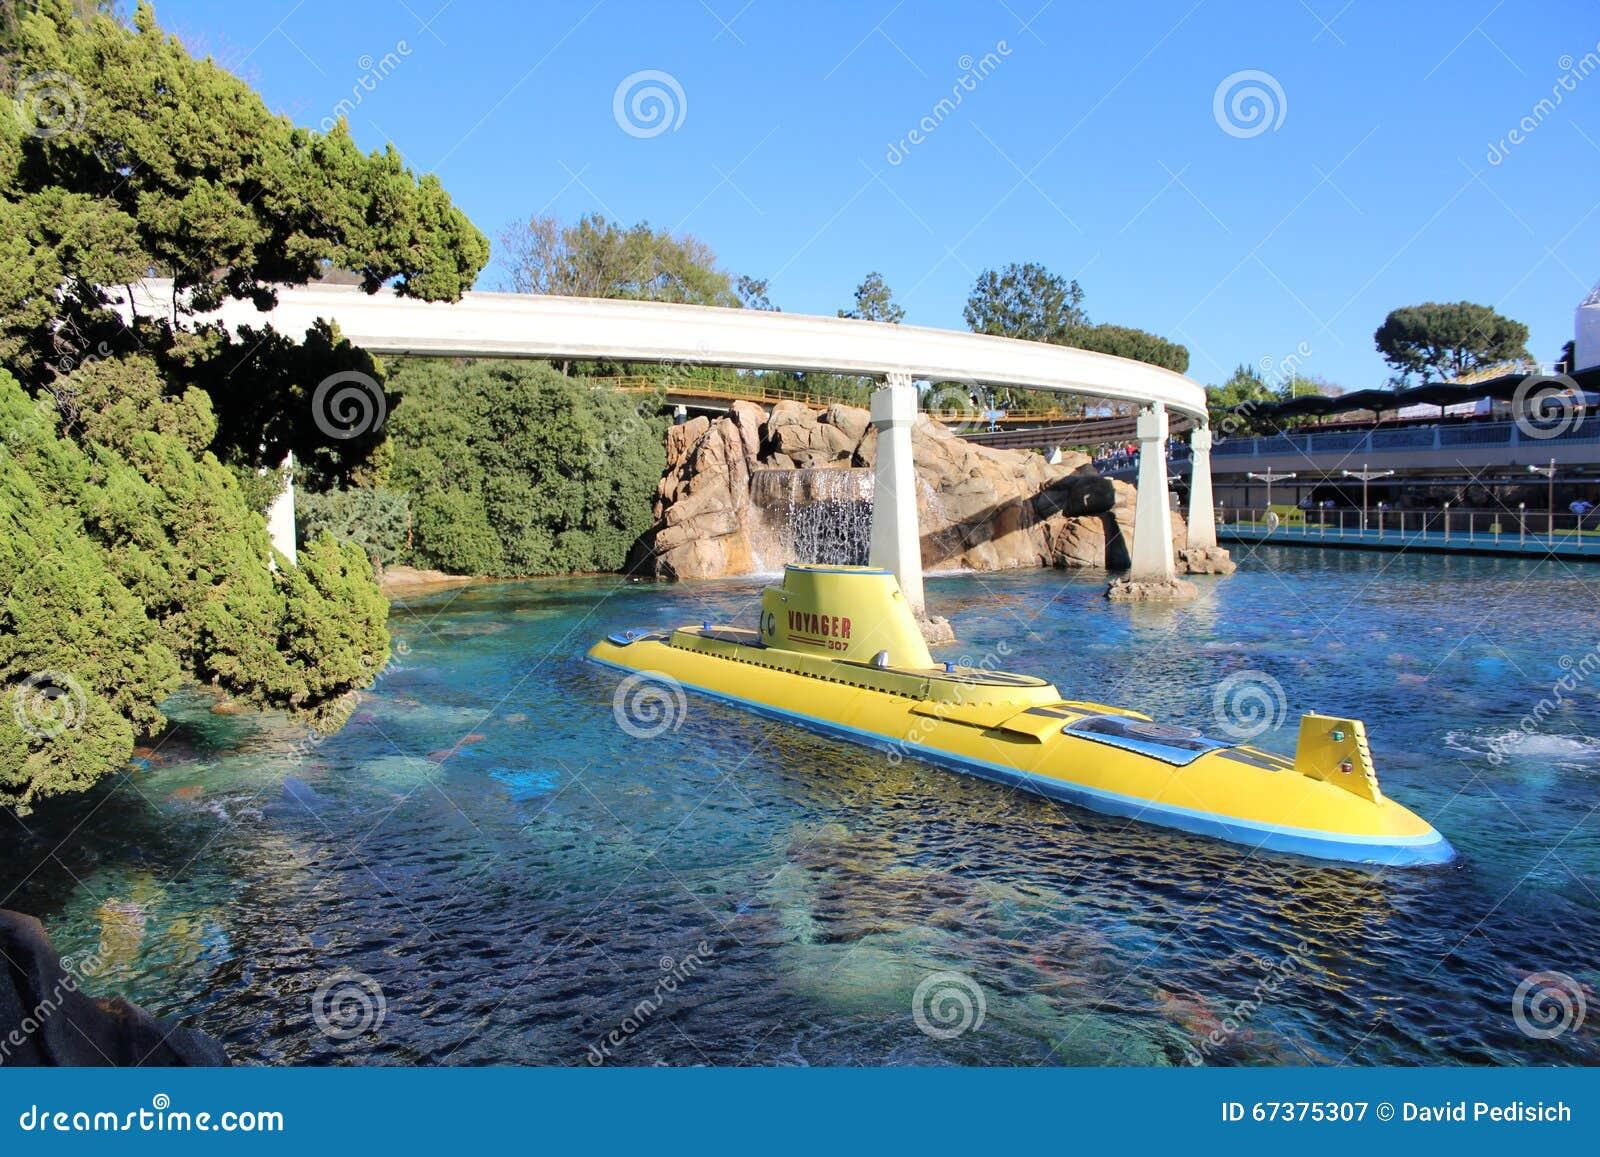 Disneyland, das Nemo Submarine Voyage findet